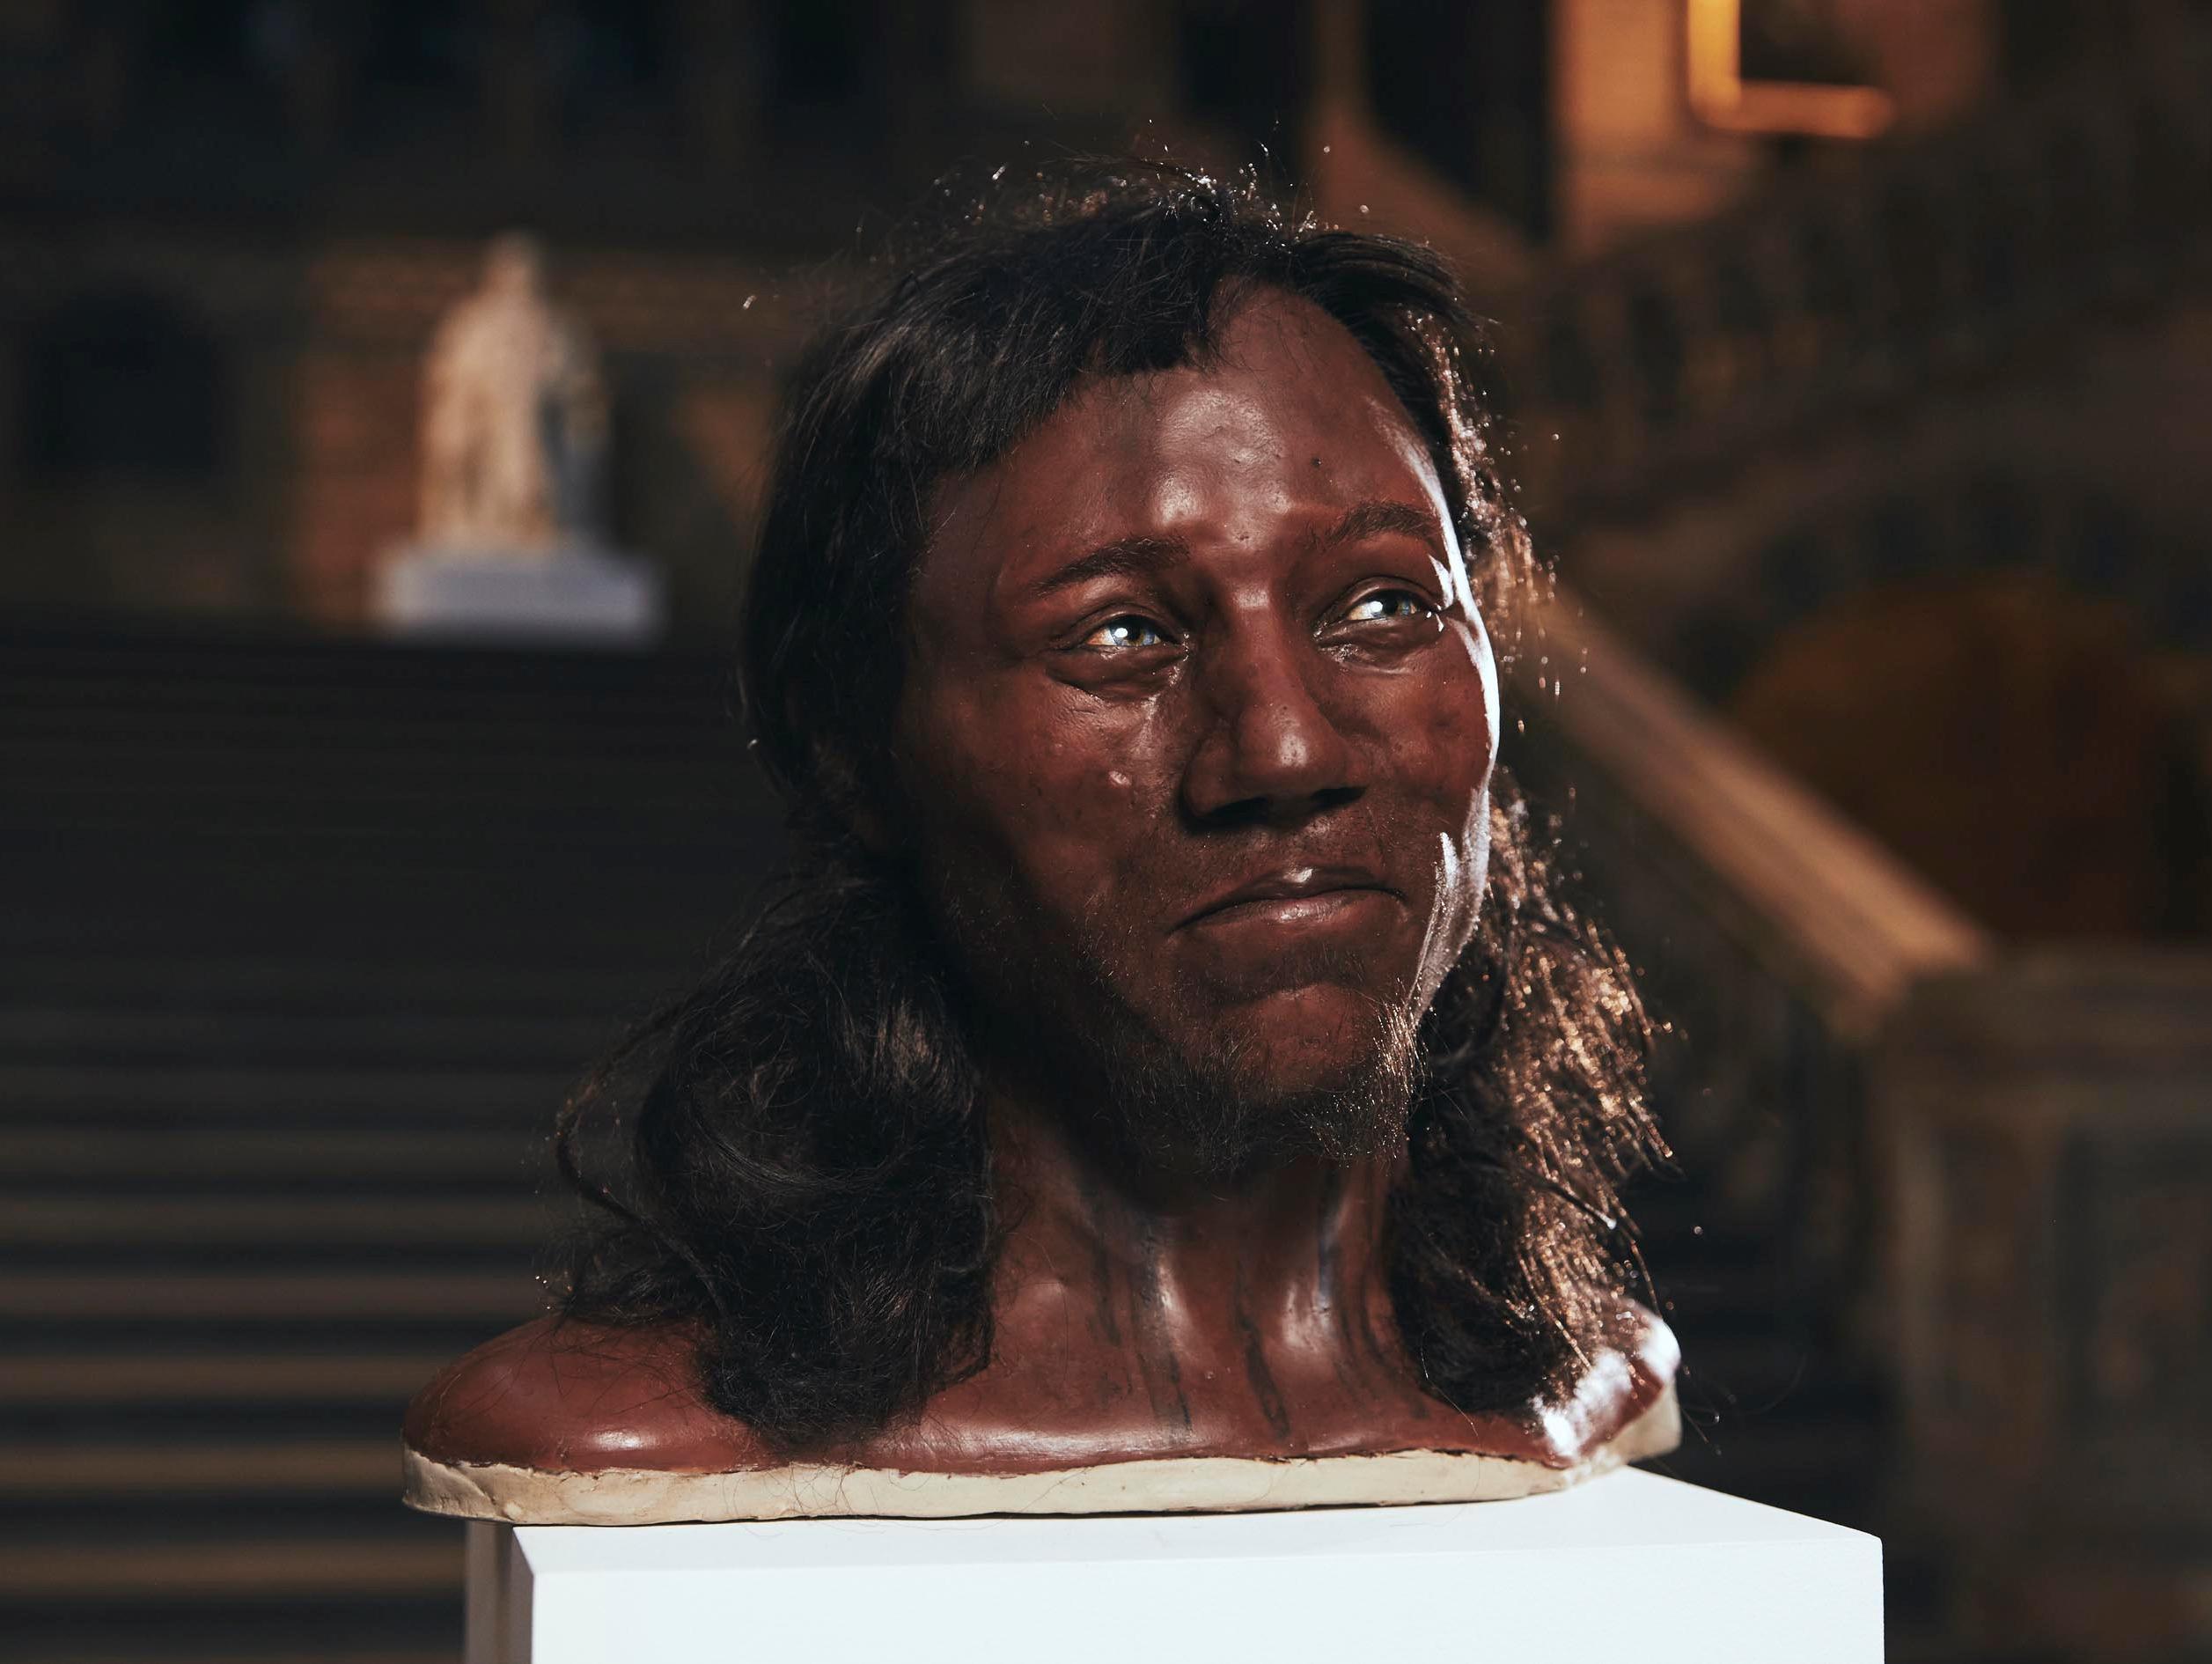 עור כהה ועיניים כחולות: הבריטים הראשונים לא נראו כמו שחשבתם